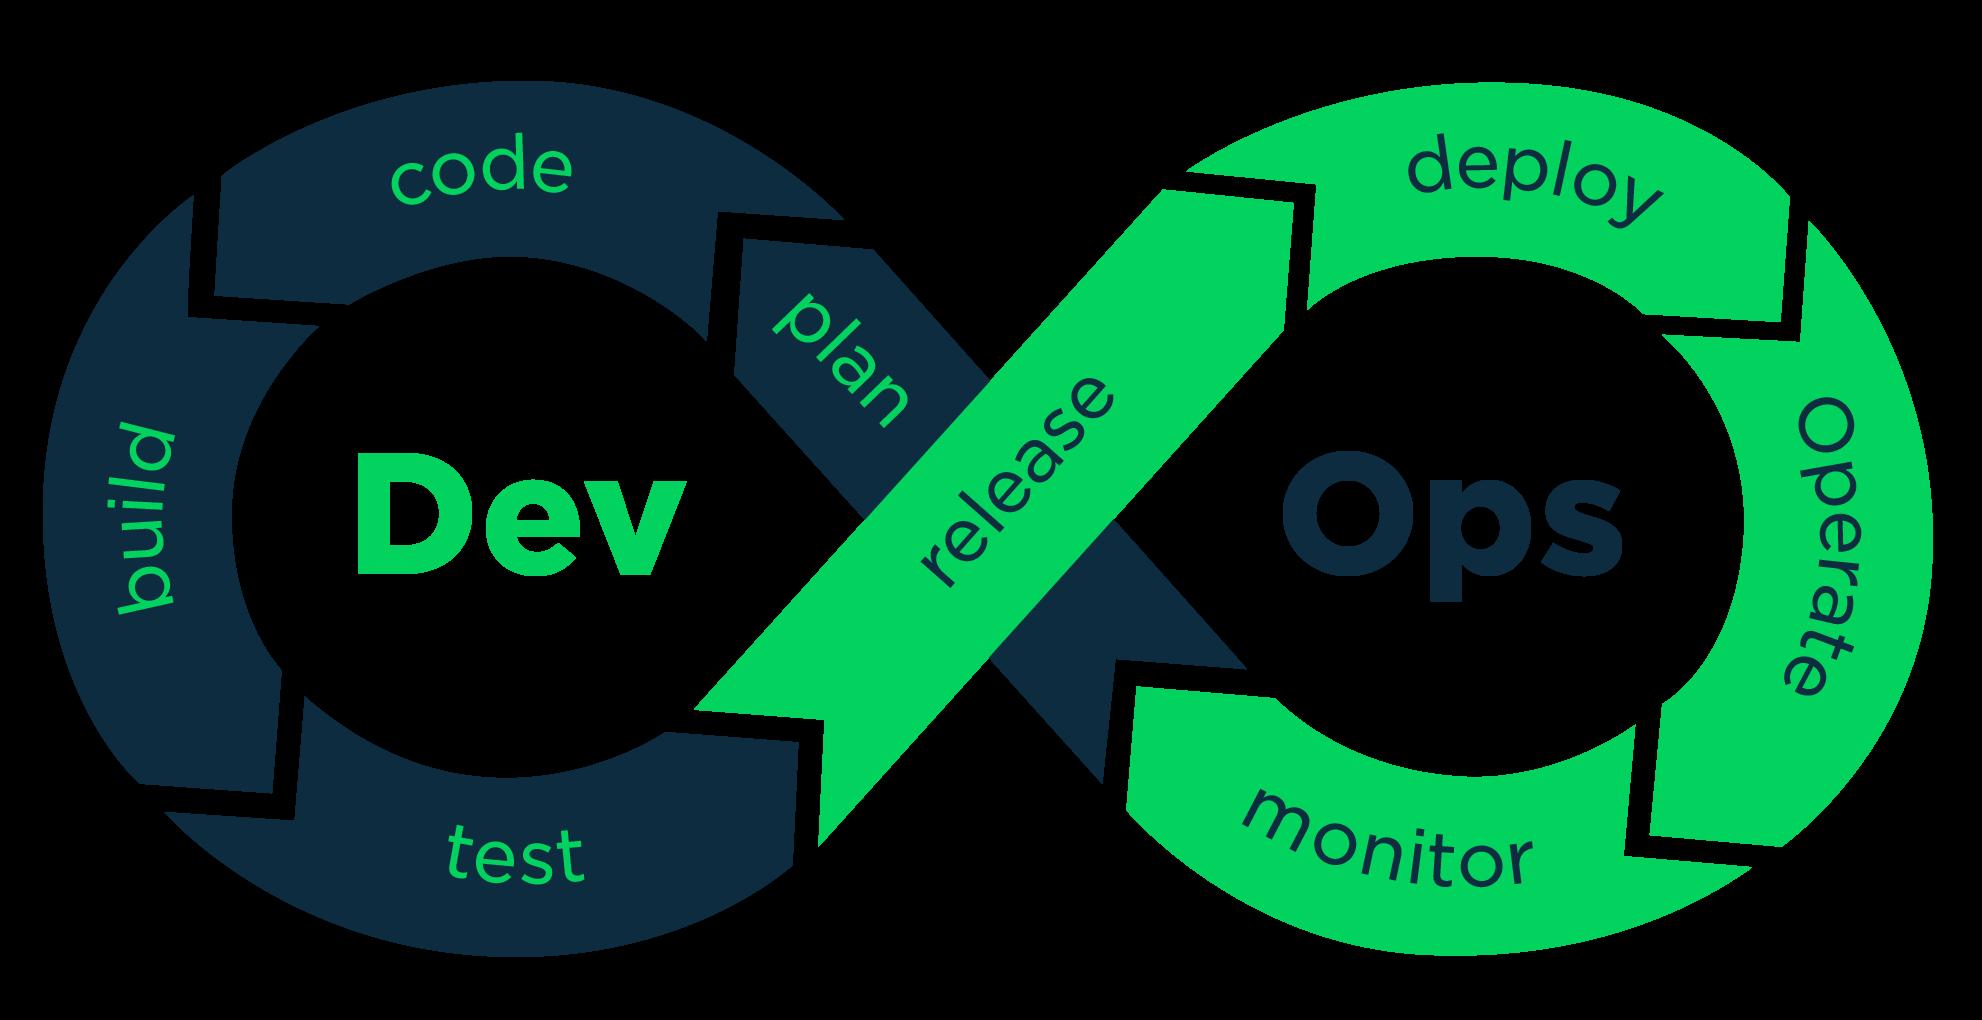 Concepts Of DevOps